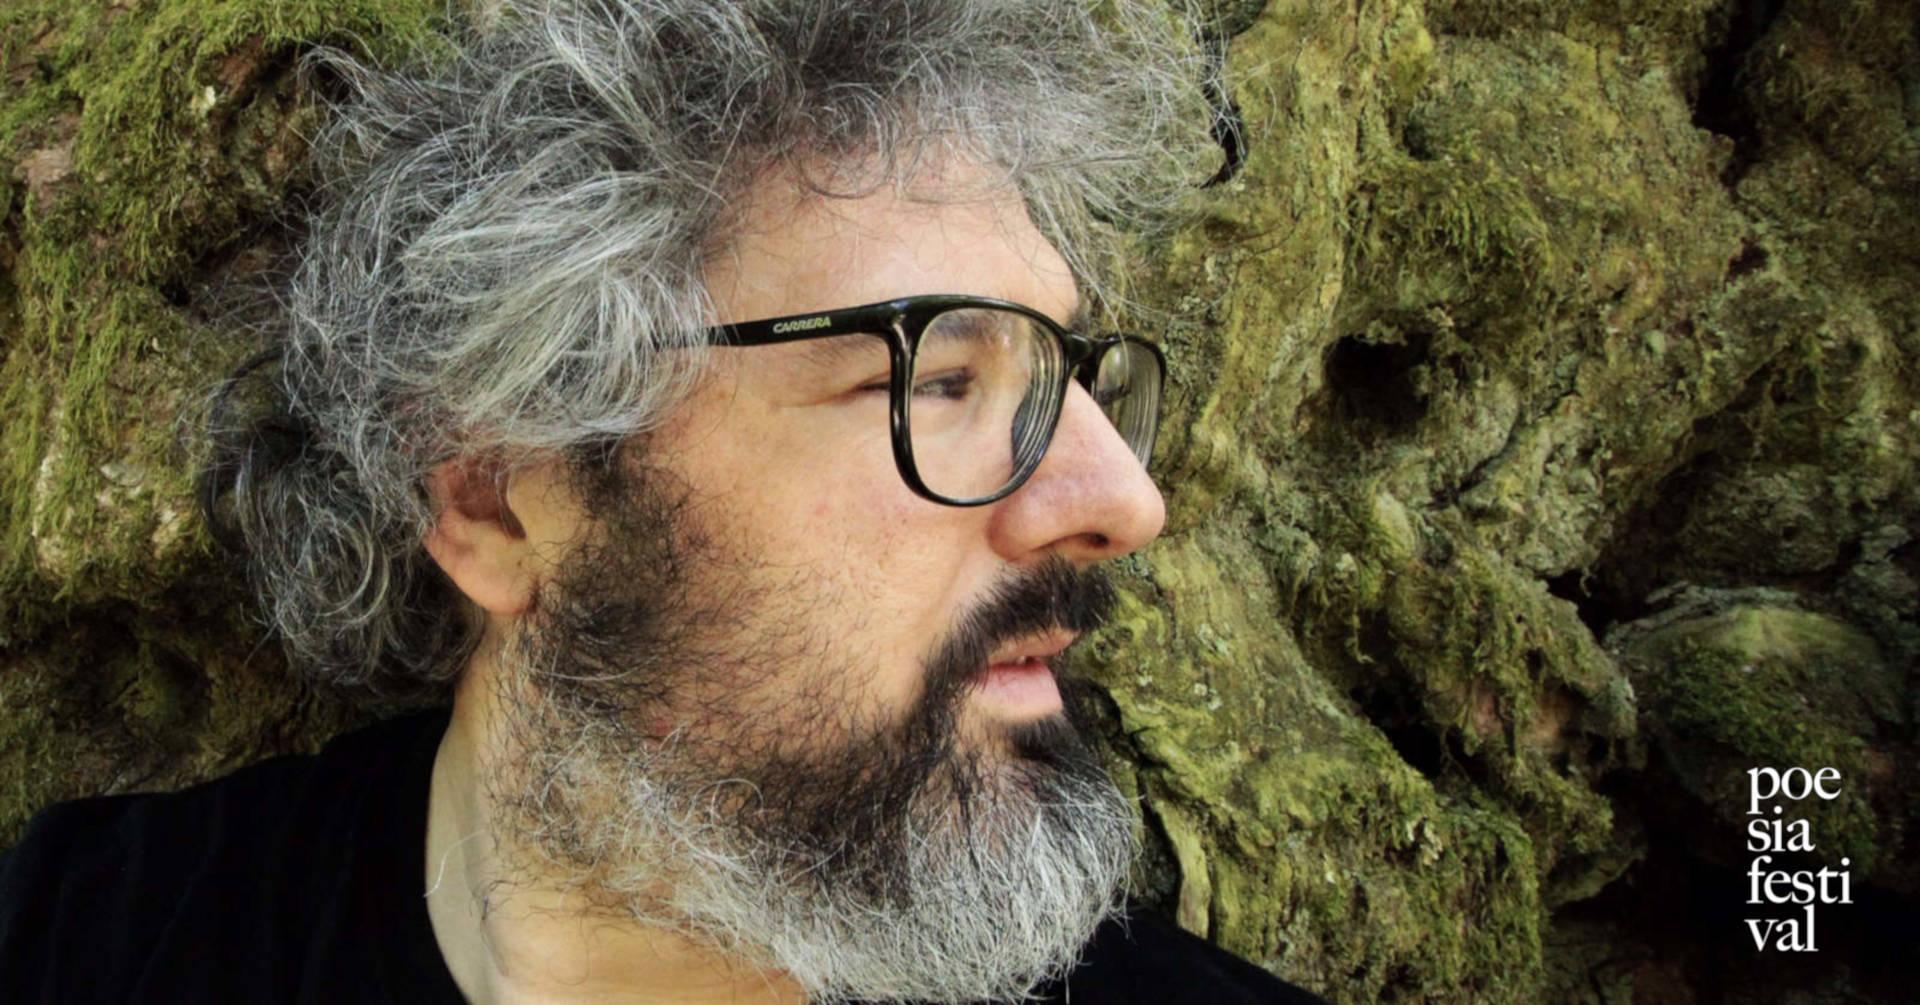 tiziano fratus poesia festival '19